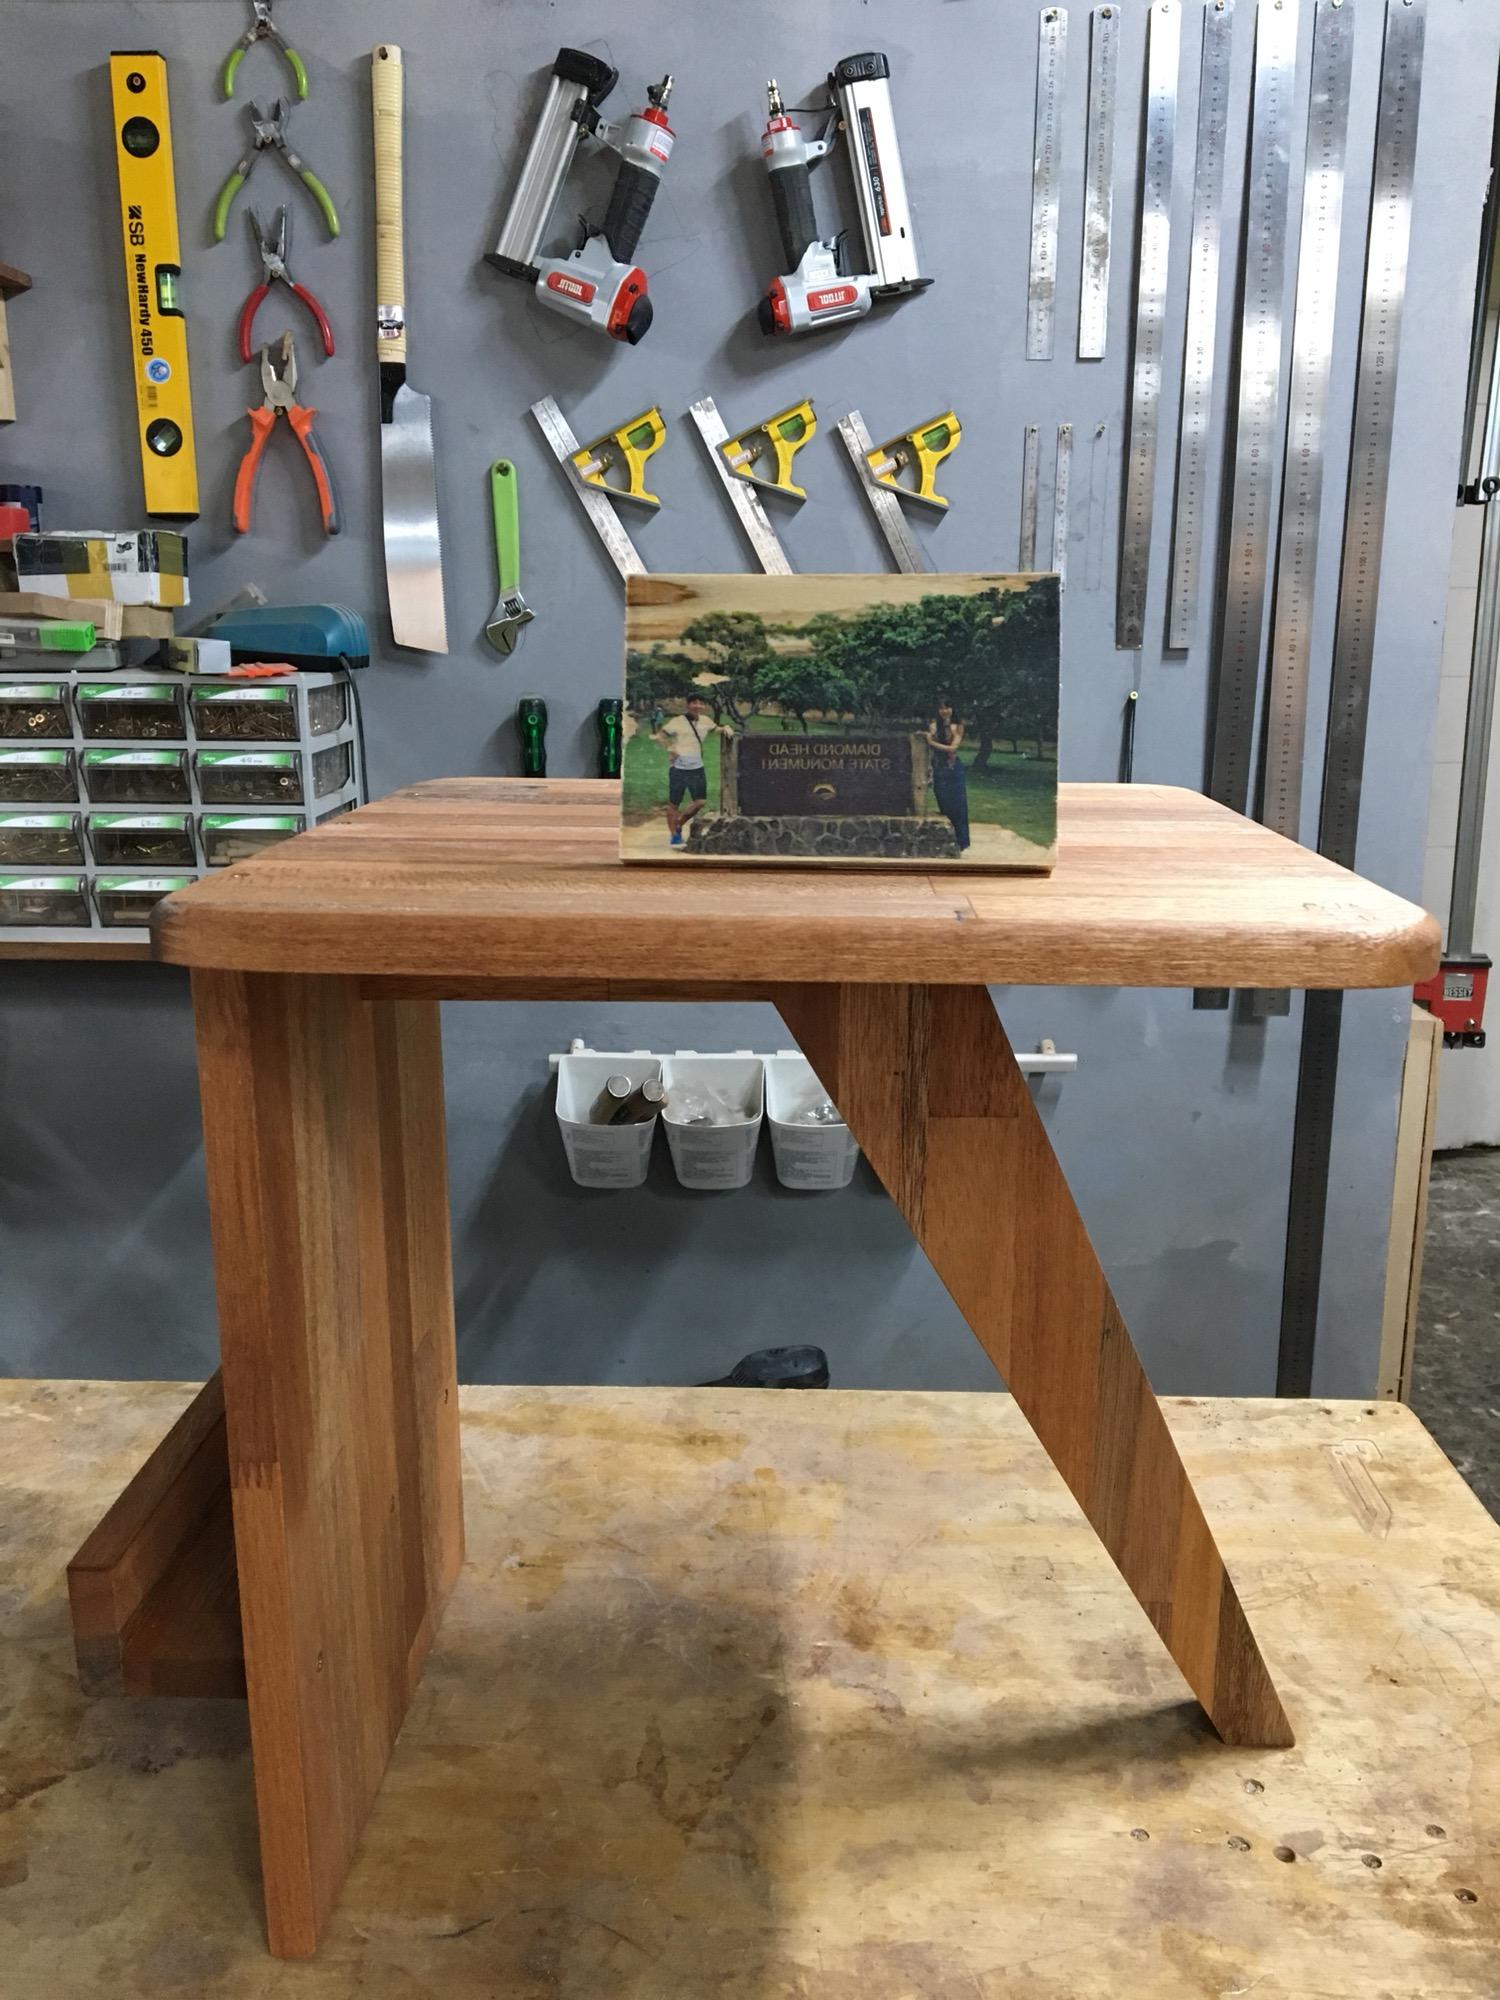 락앤락 원데이 클래스 - 셀프 인테리어. 책꽂이 원목 테이블, 우드포토 완성